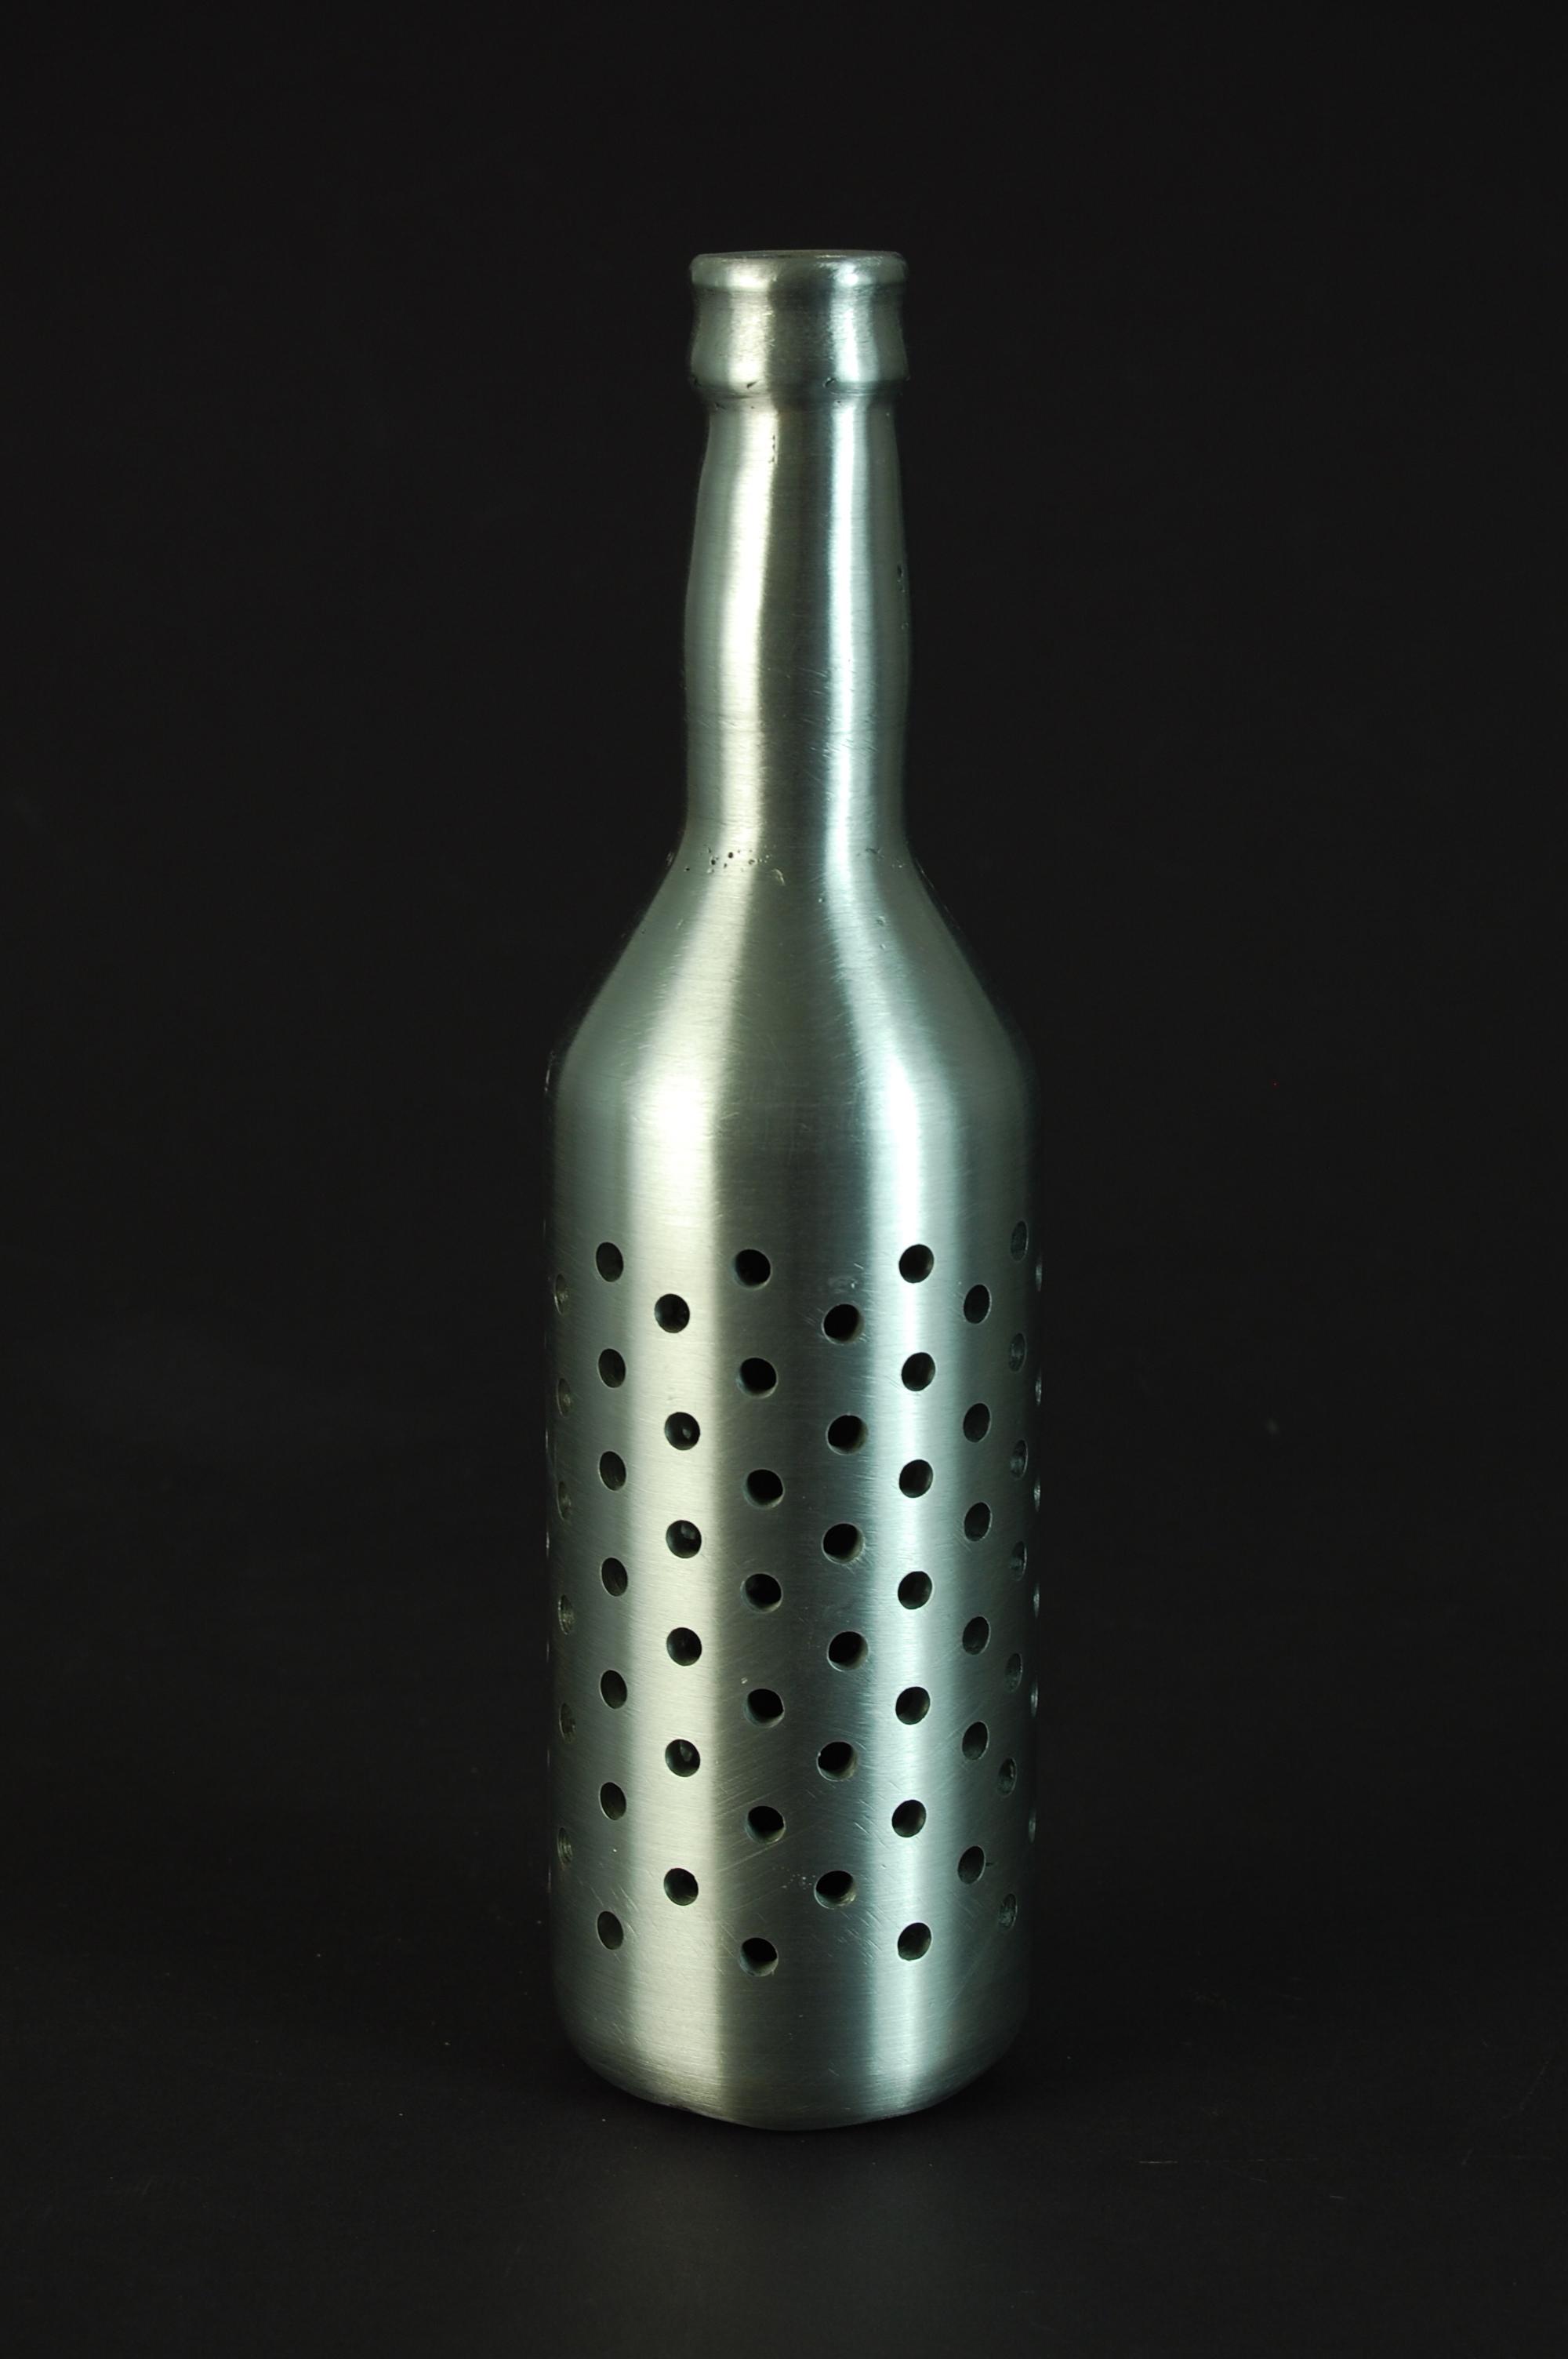 Untitled (beer bottle)